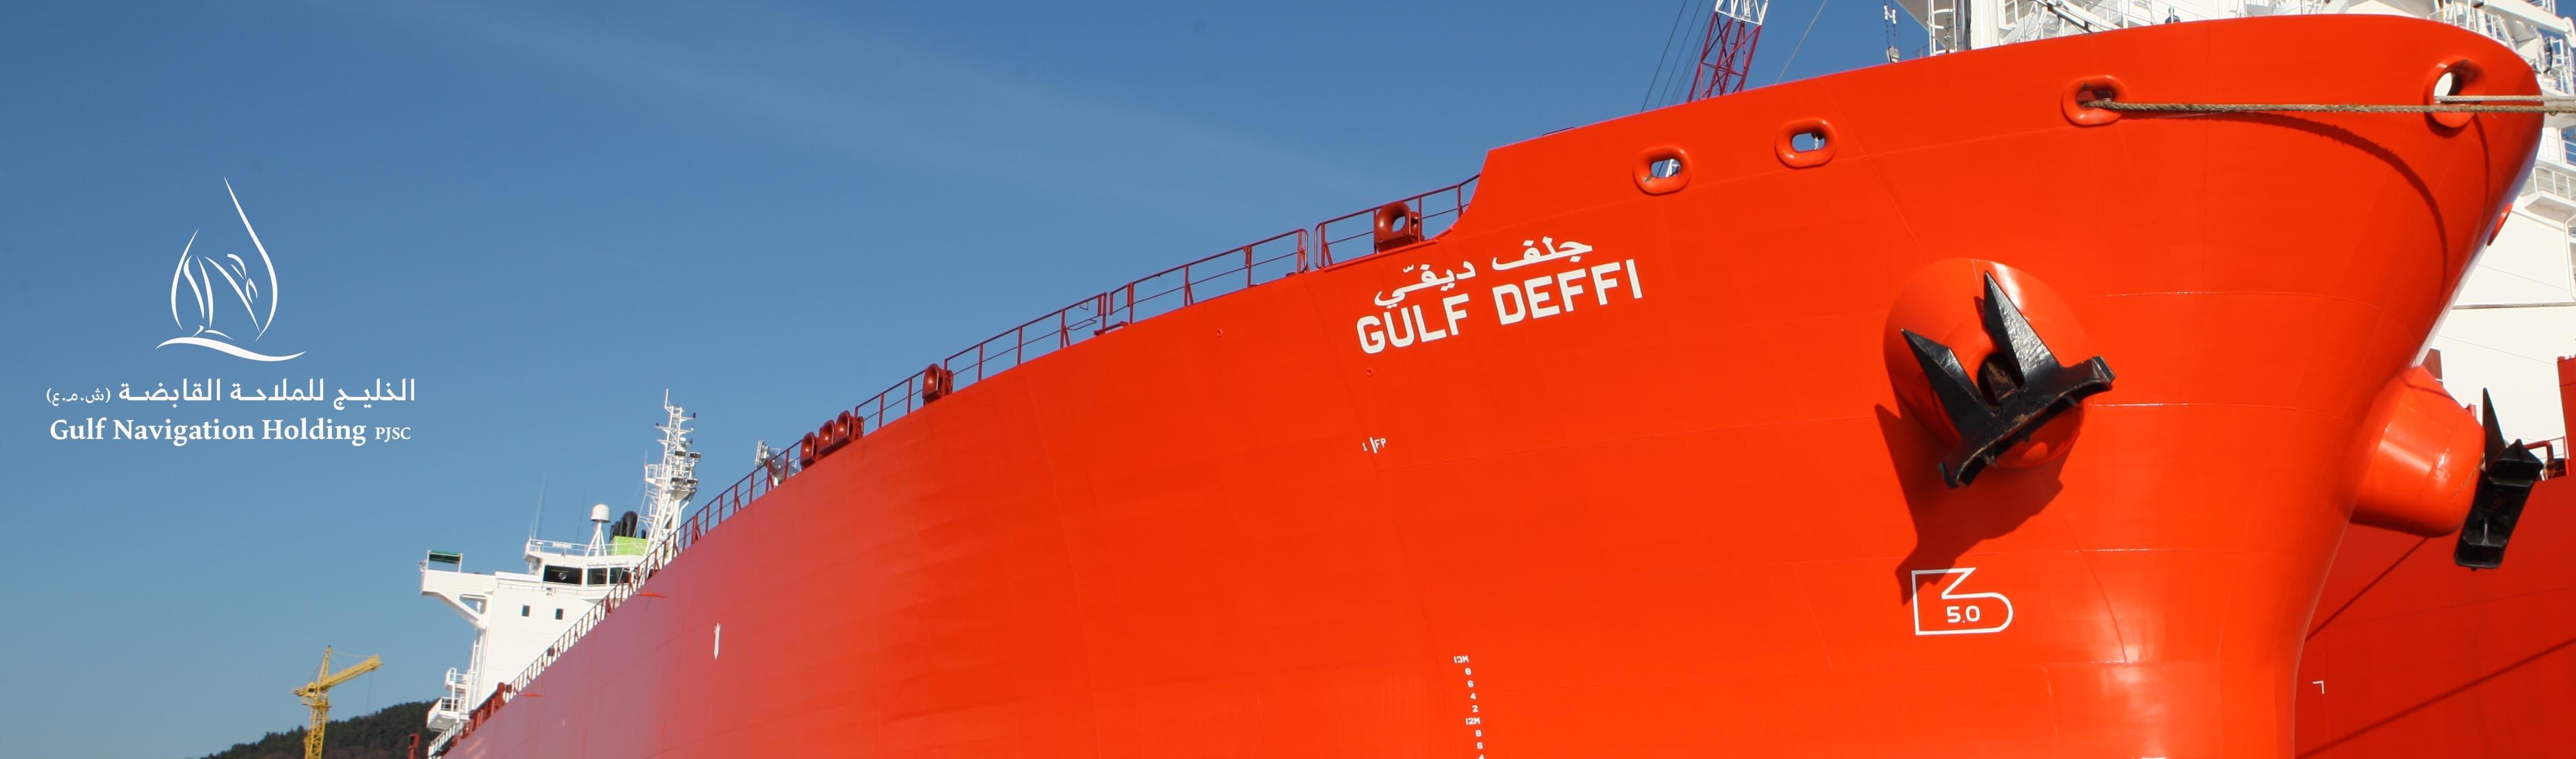 Gulf Navigation Holding PJSC | LinkedIn